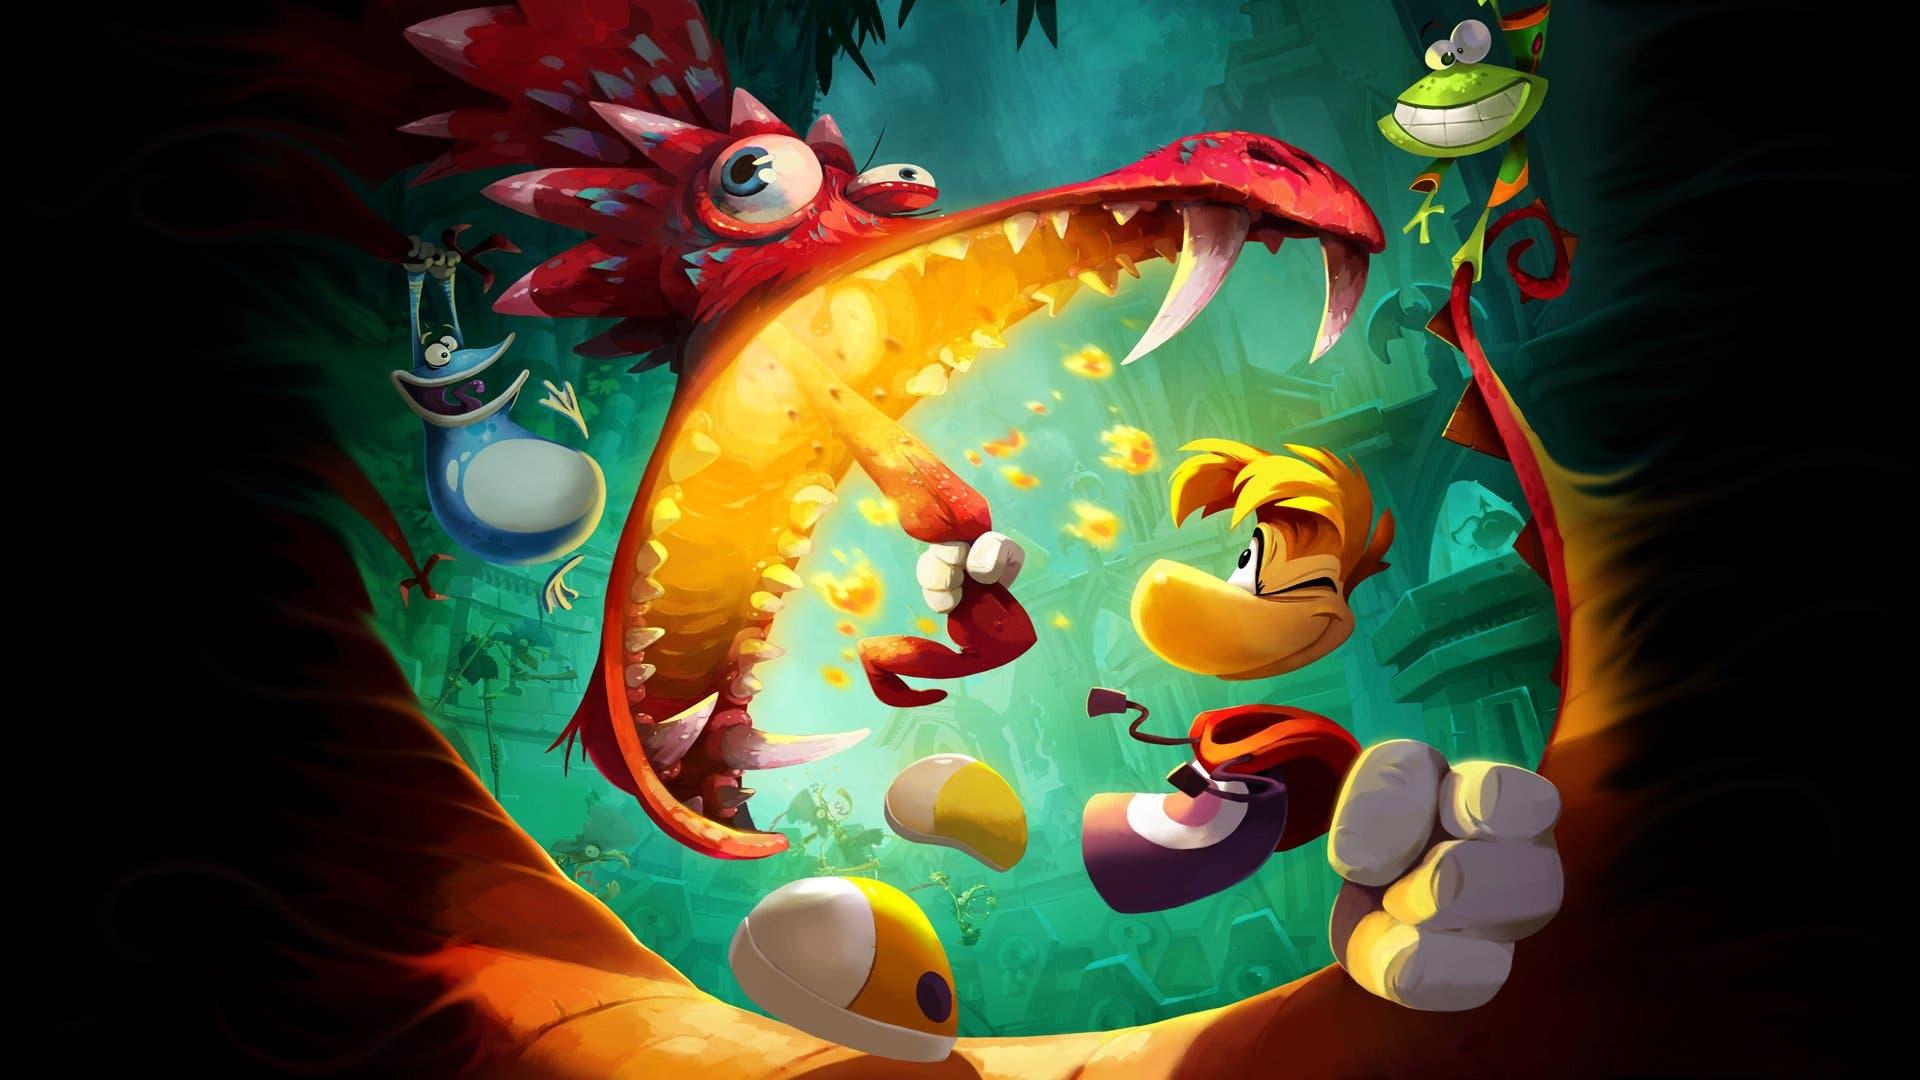 Ubisoft Montpellier insinúa el desarrollo de un nuevo Rayman y luego recula 6